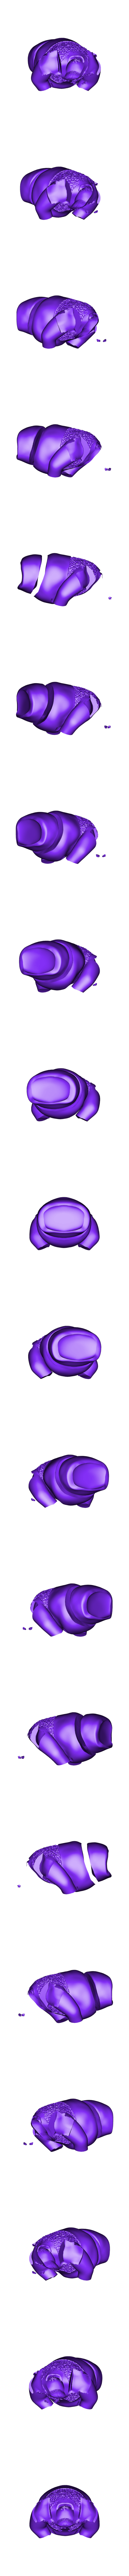 Shrek-MMU-white.stl Télécharger fichier STL gratuit Shrek en armure (prêt pour MMU) • Design pour imprimante 3D, ChaosCoreTech